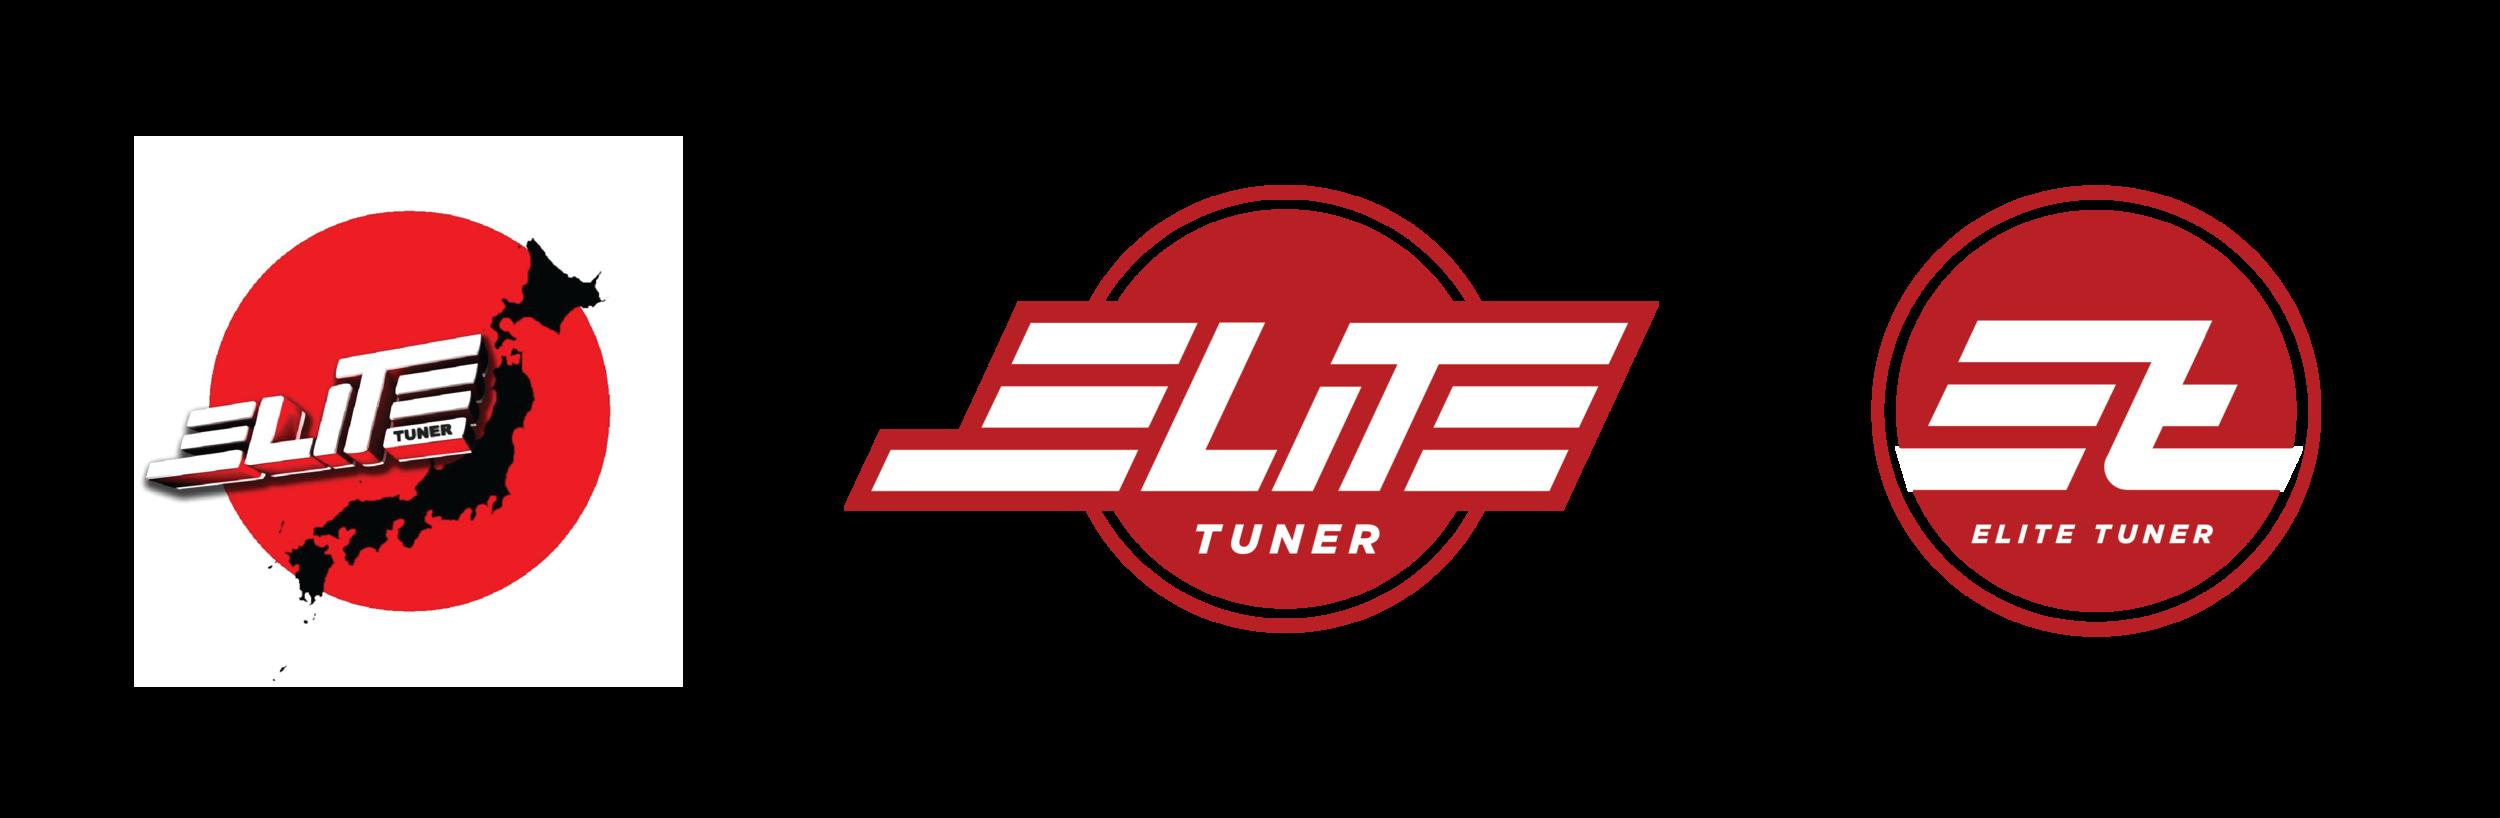 elite_tuner_branding_FINAL_website-01.png